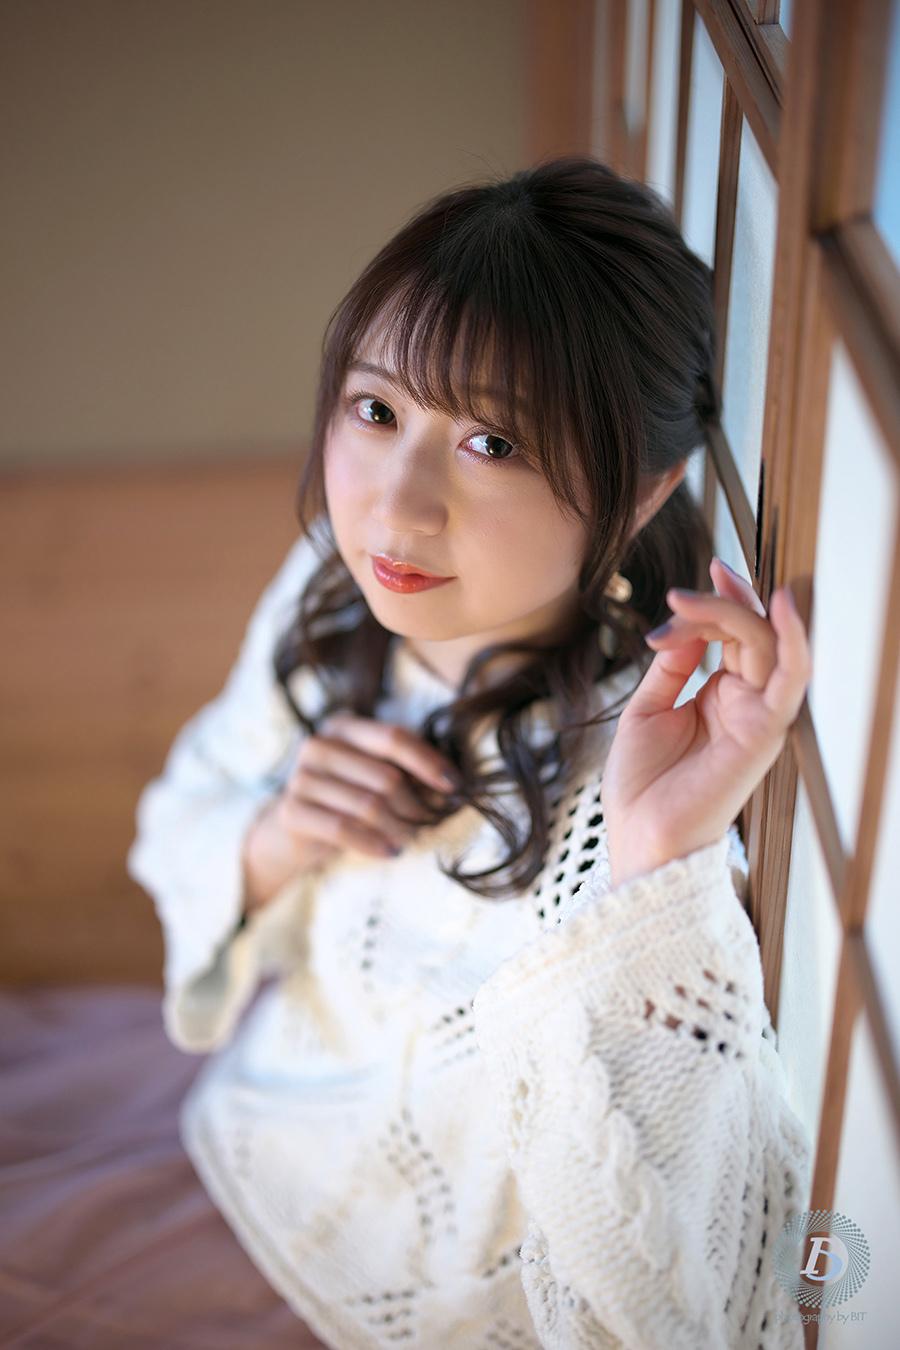 夏目樹里 -AZURE♯- _c0115616_18444360.jpg